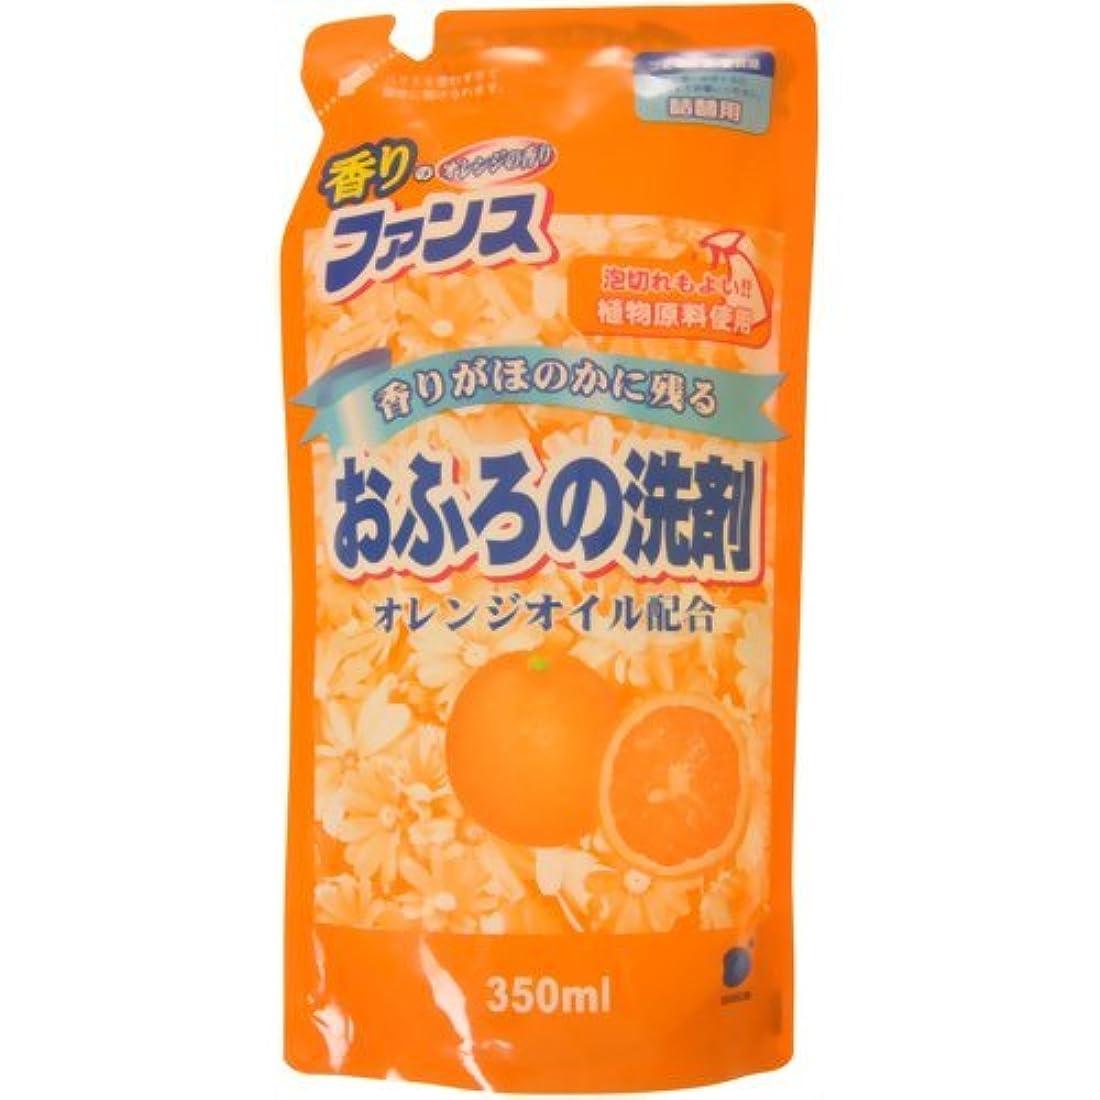 香りのファンス おふろの洗剤 オレンジ つめかえ用 350ml